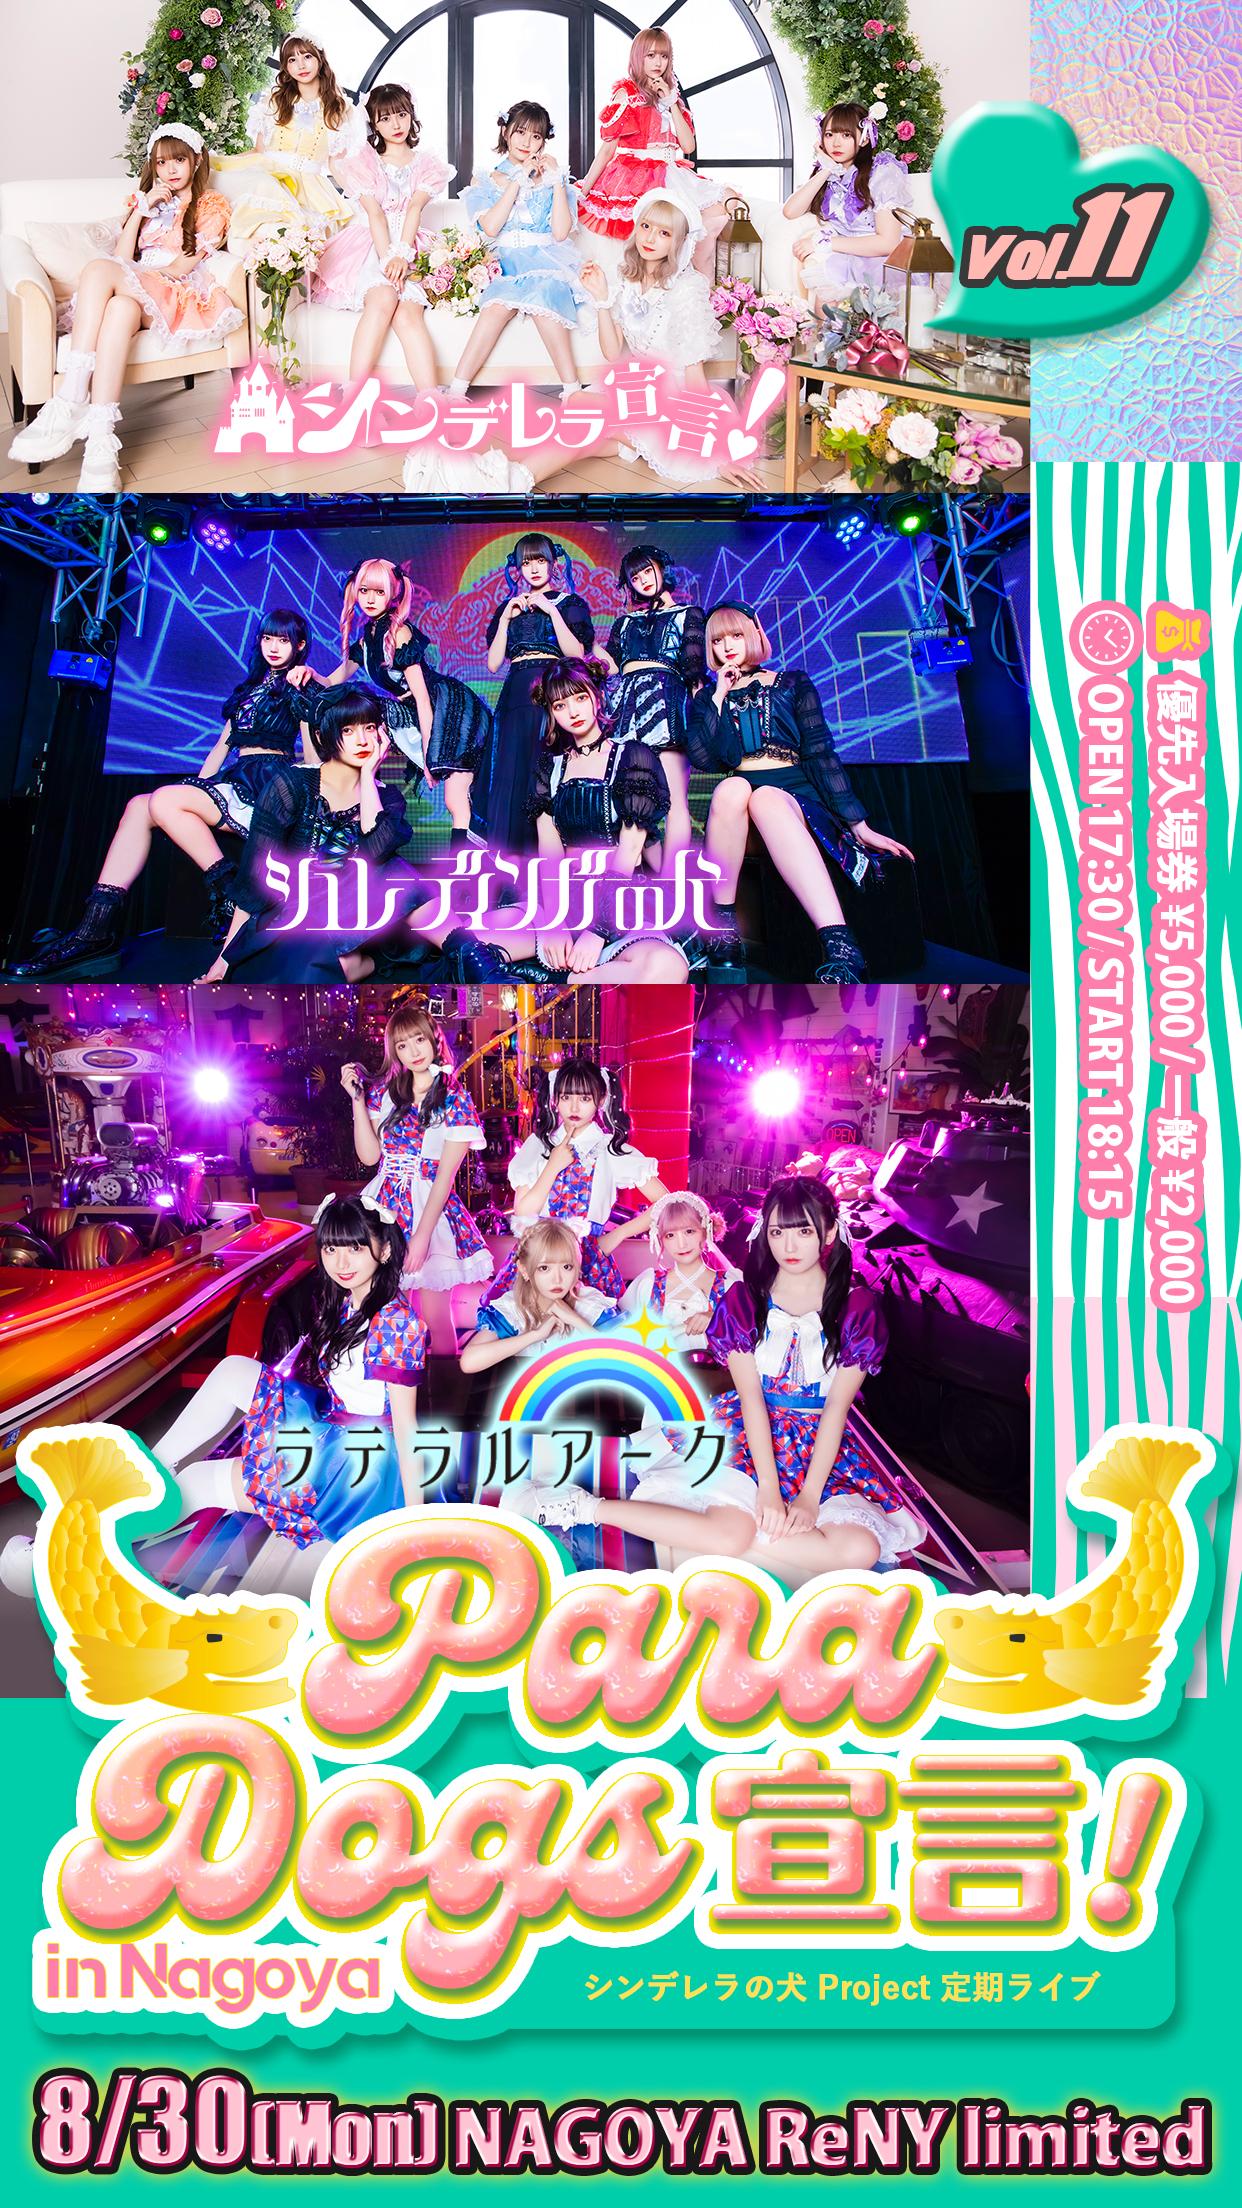 シンデレラの犬 Project 定期ライブ『ParaDogs宣言!』Vol.11 in Nagoya